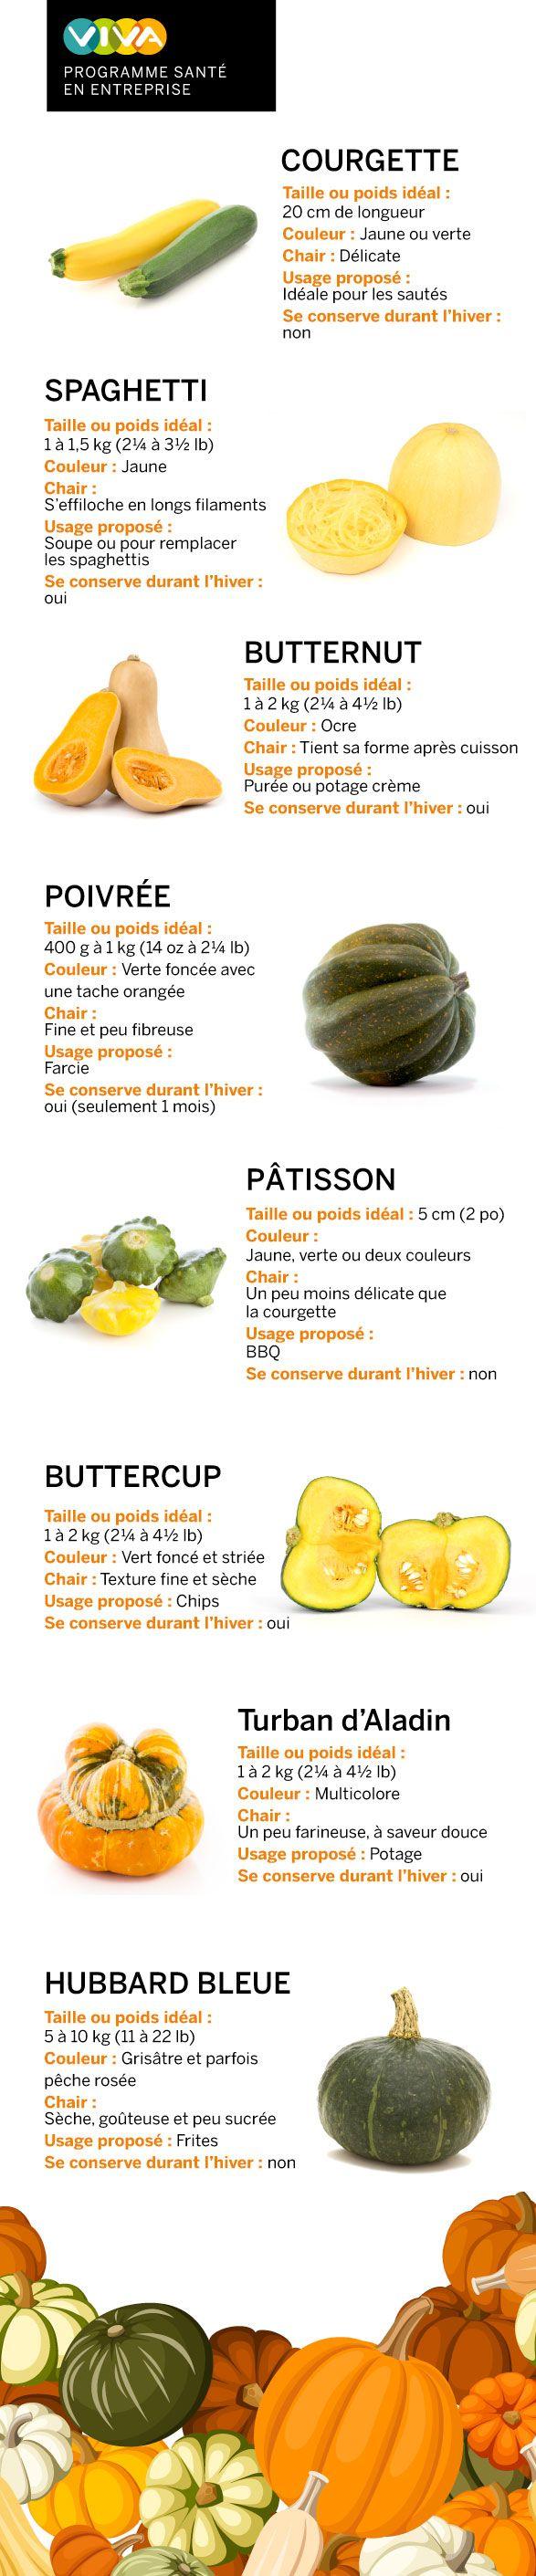 Souvent décoratives, les courges sont aussi comestibles. Notre spécialiste santé vous présente une sélection avec des idées pour les cuisiner.